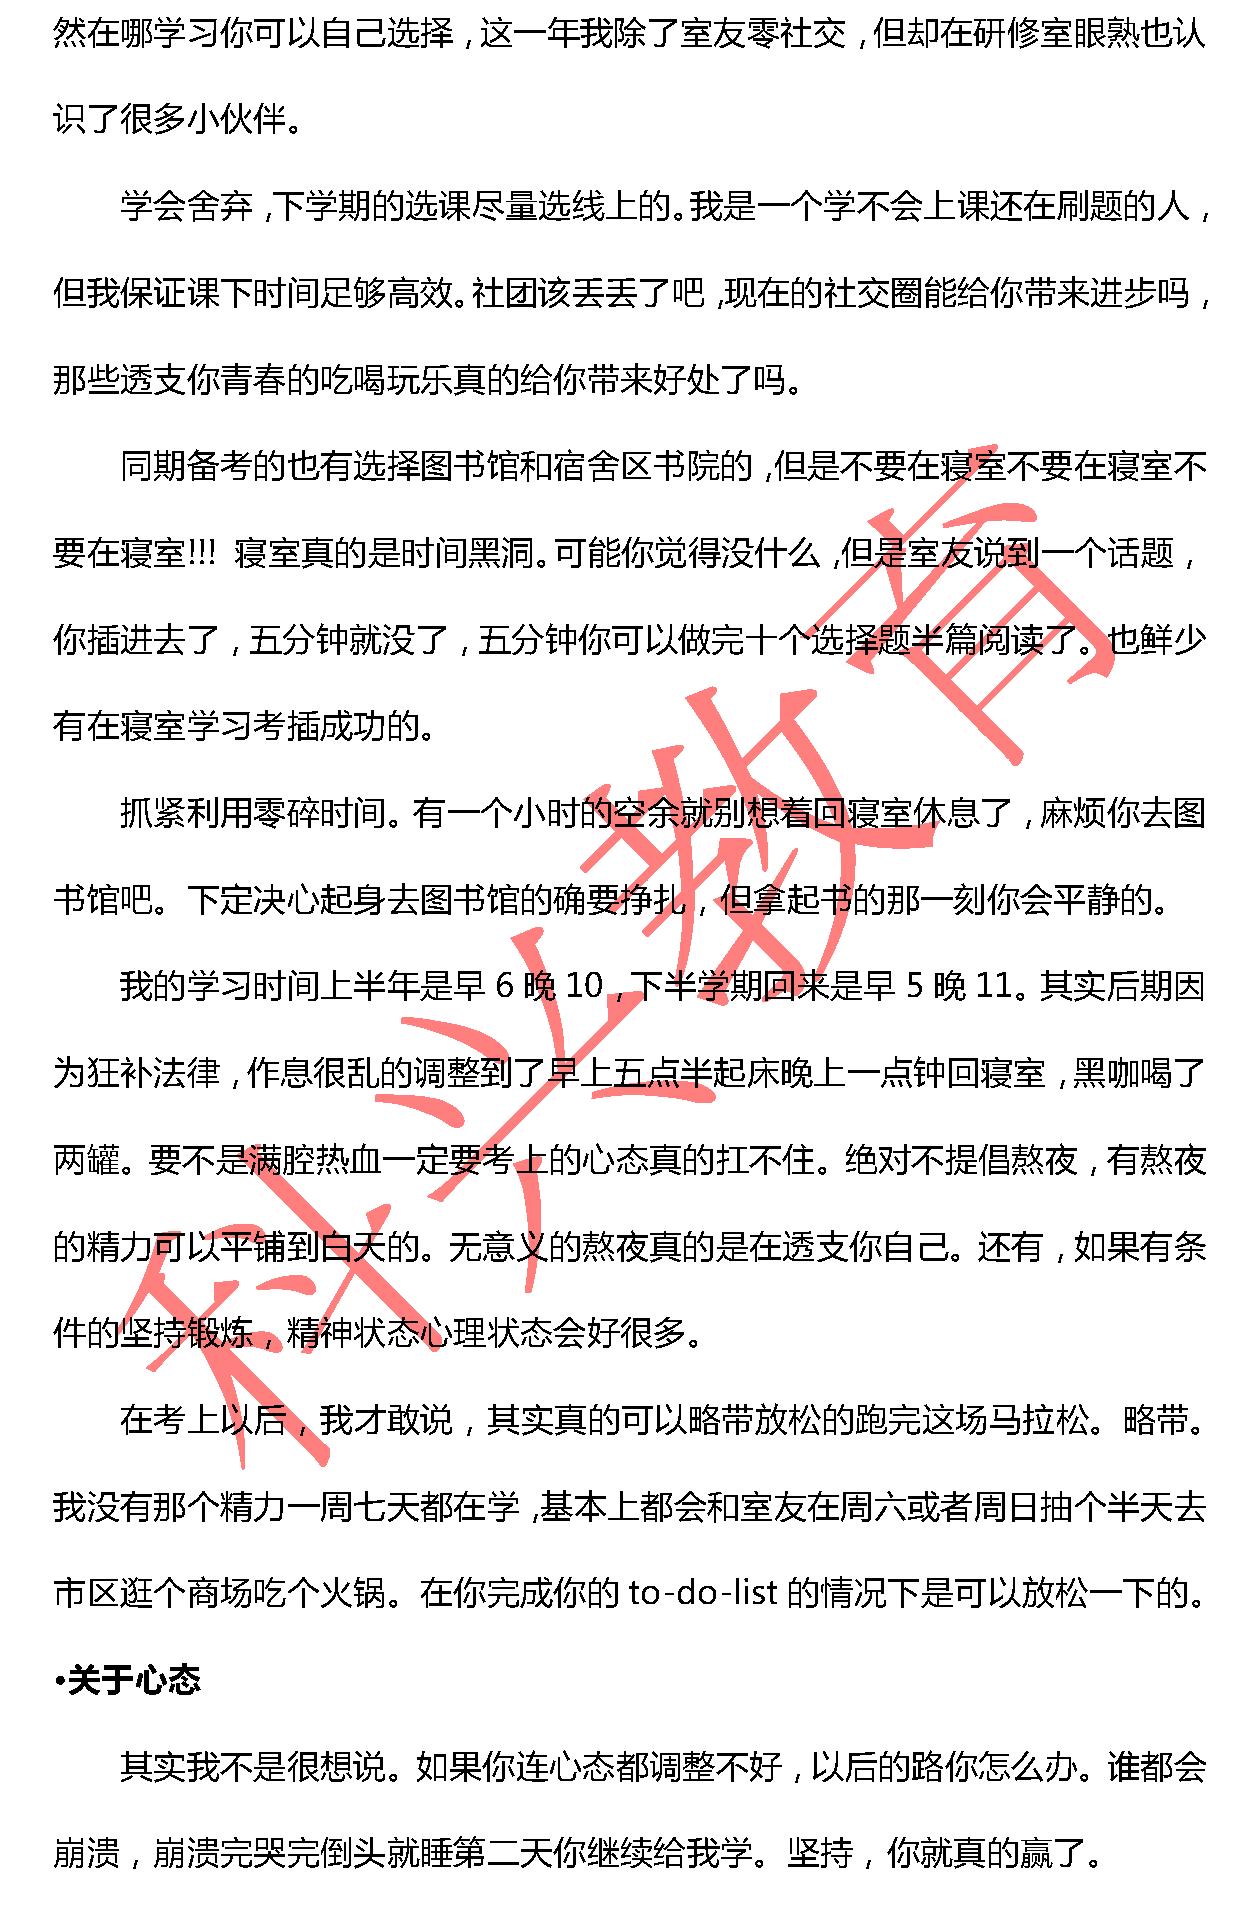 上政颜雨婷:这是一条不断认识自己的路(18届)